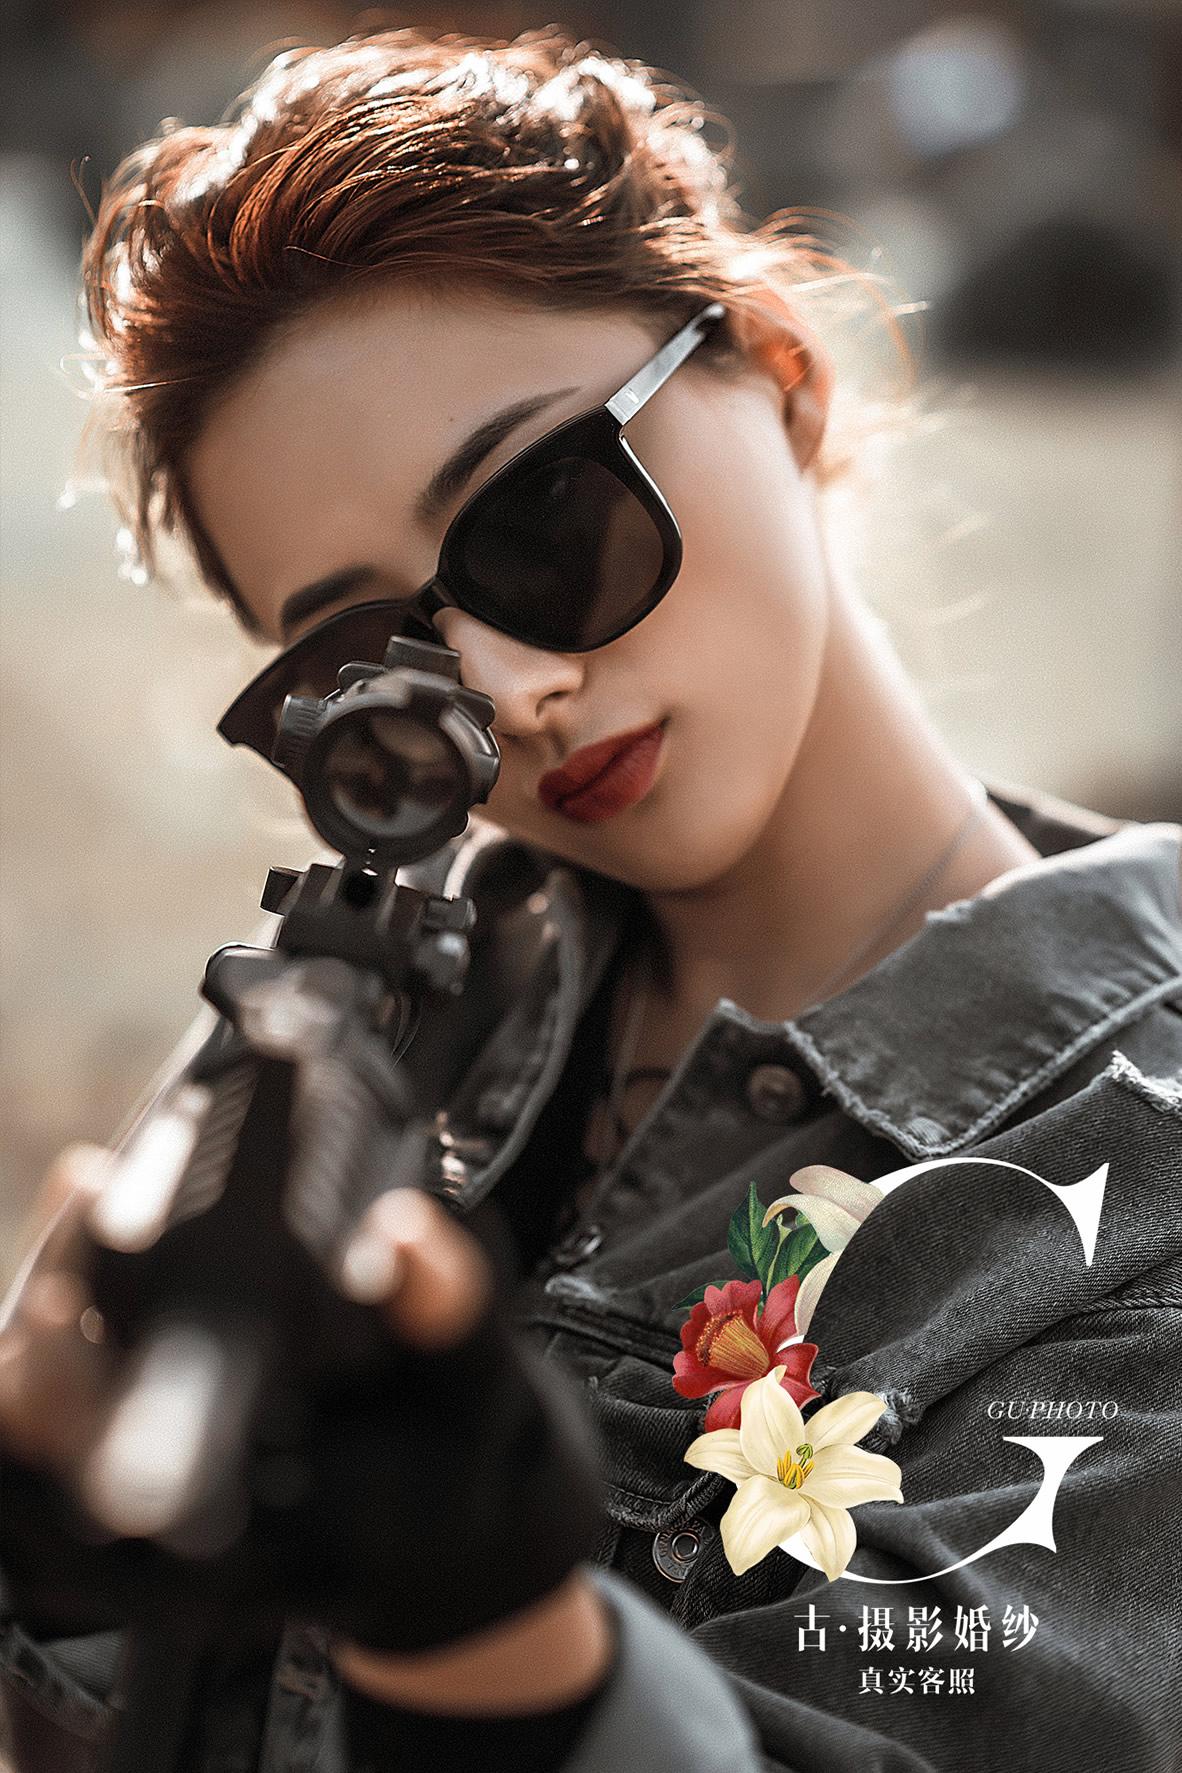 刘先生 小麦 - 每日客照 - 古摄影婚纱艺术-古摄影成都婚纱摄影艺术摄影网